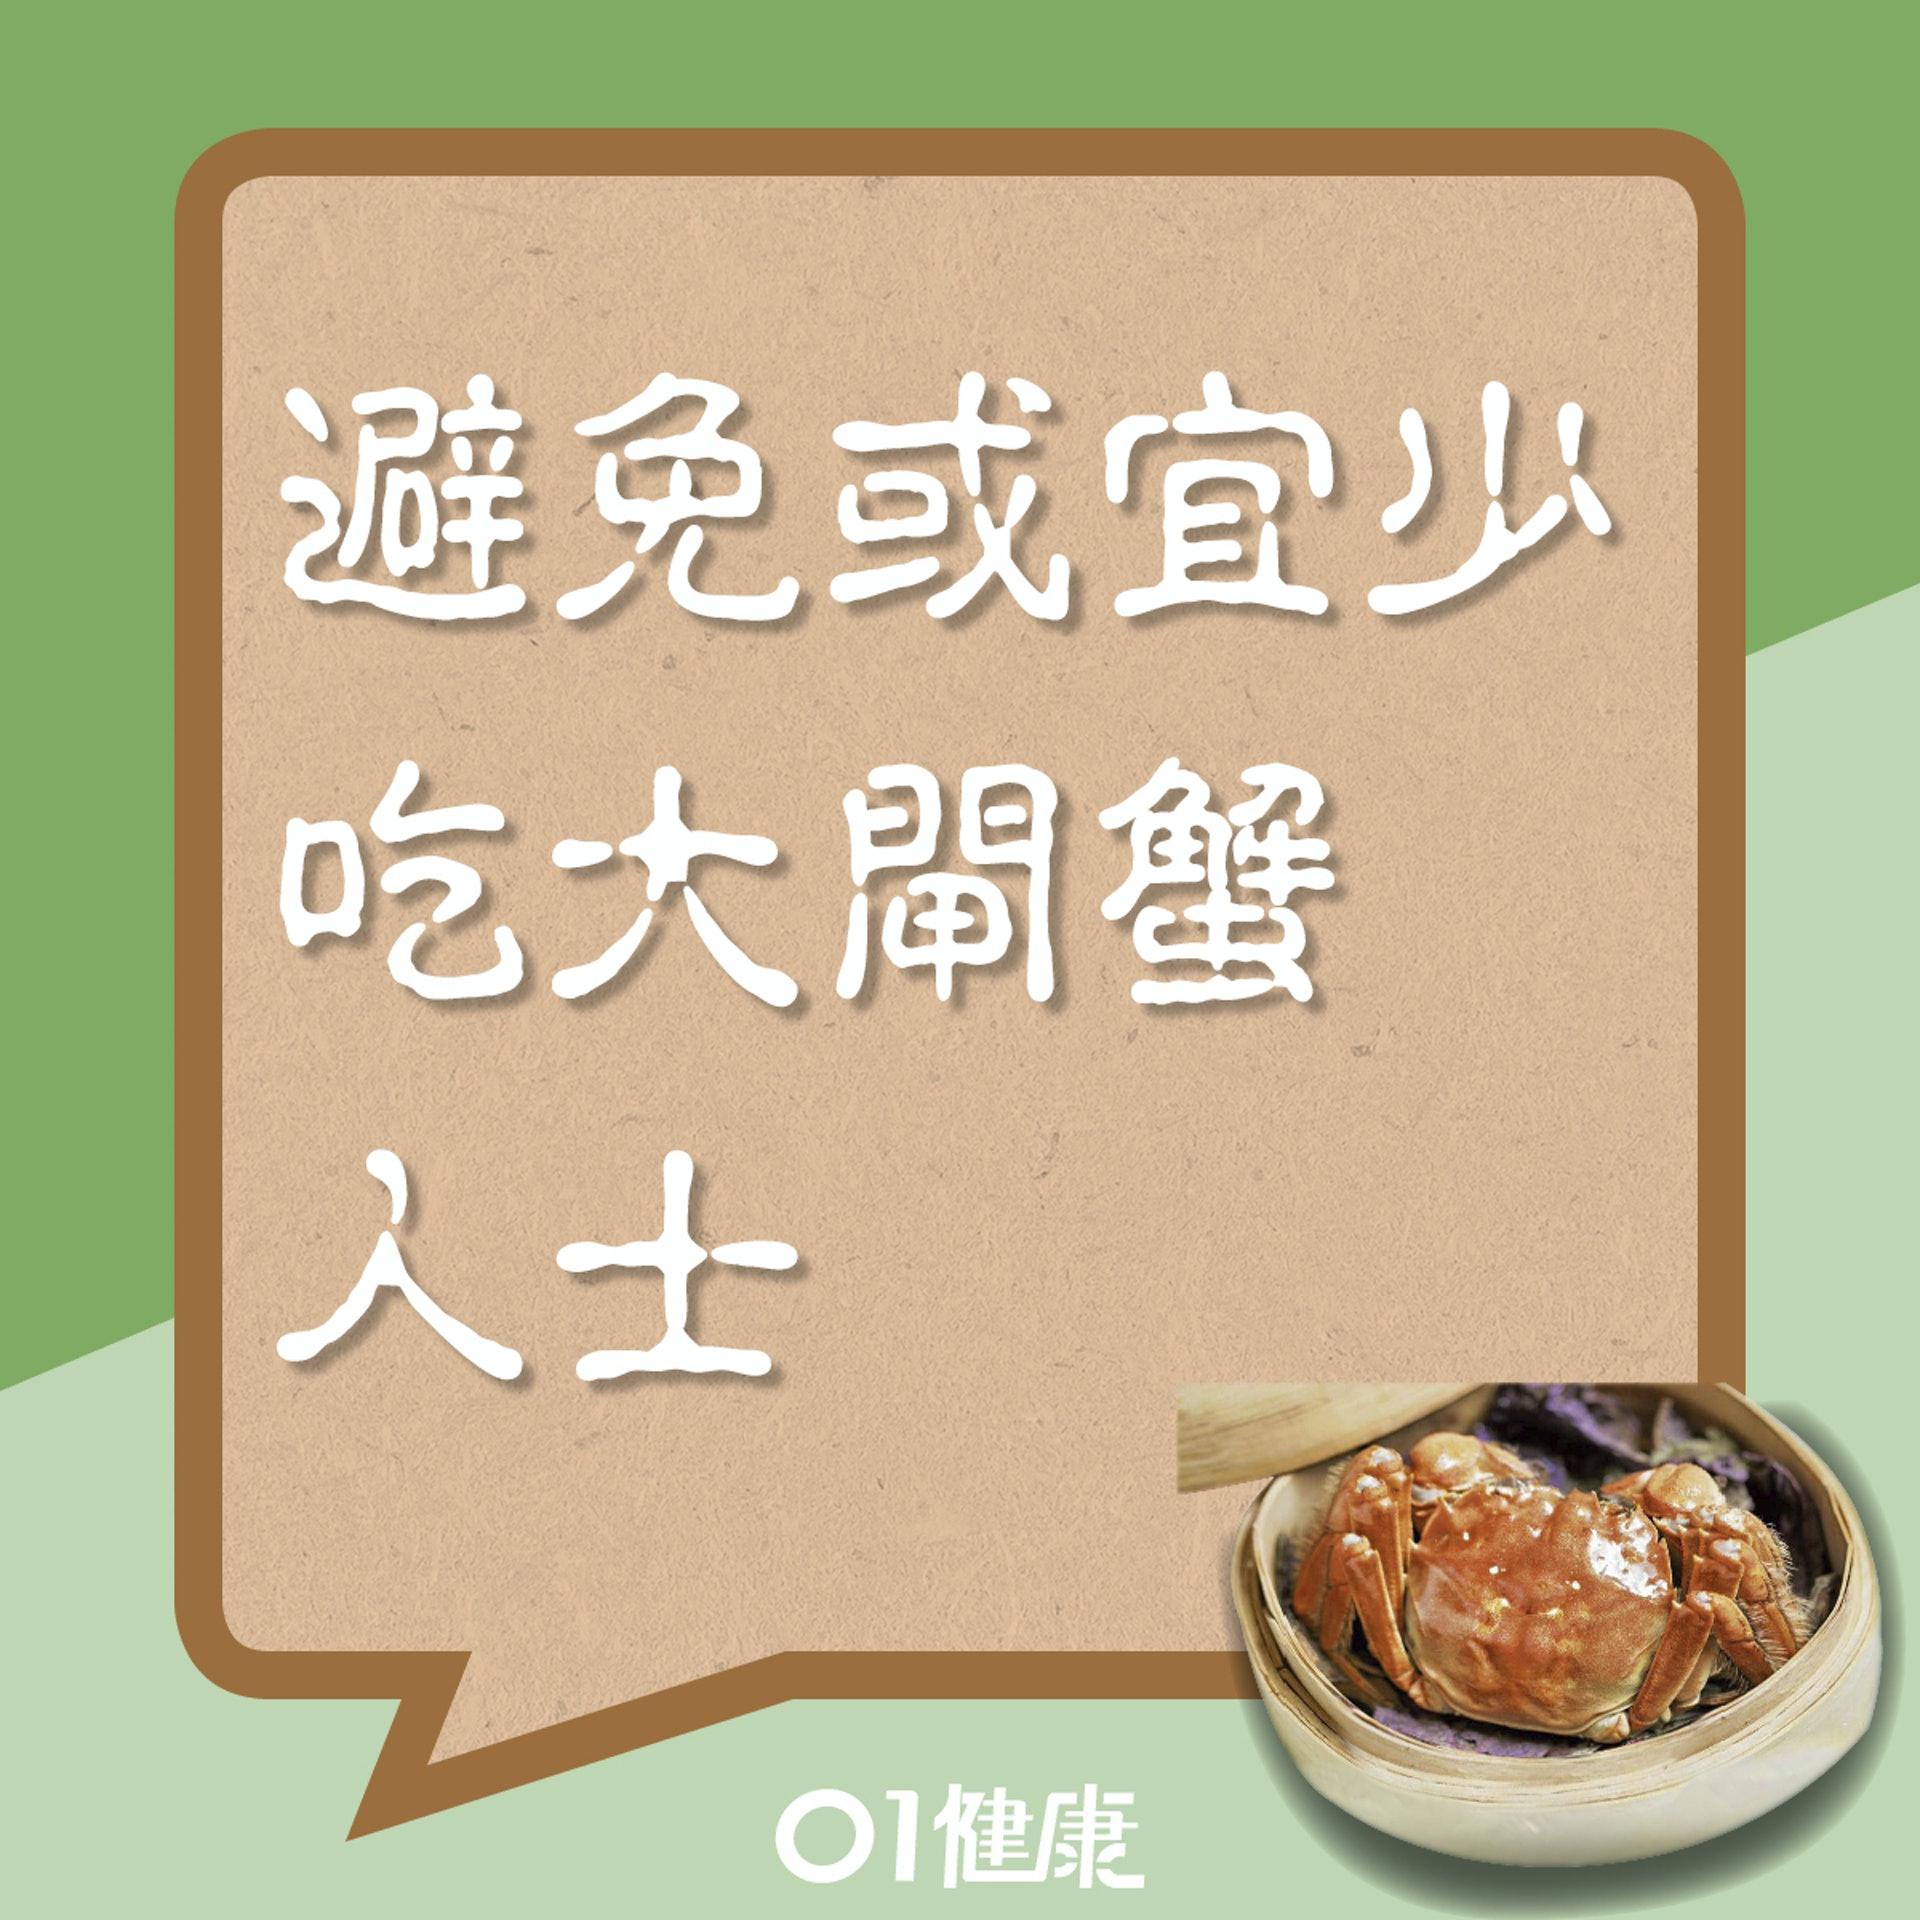 10類人士最好避免或少吃大閘蟹(01製圖)